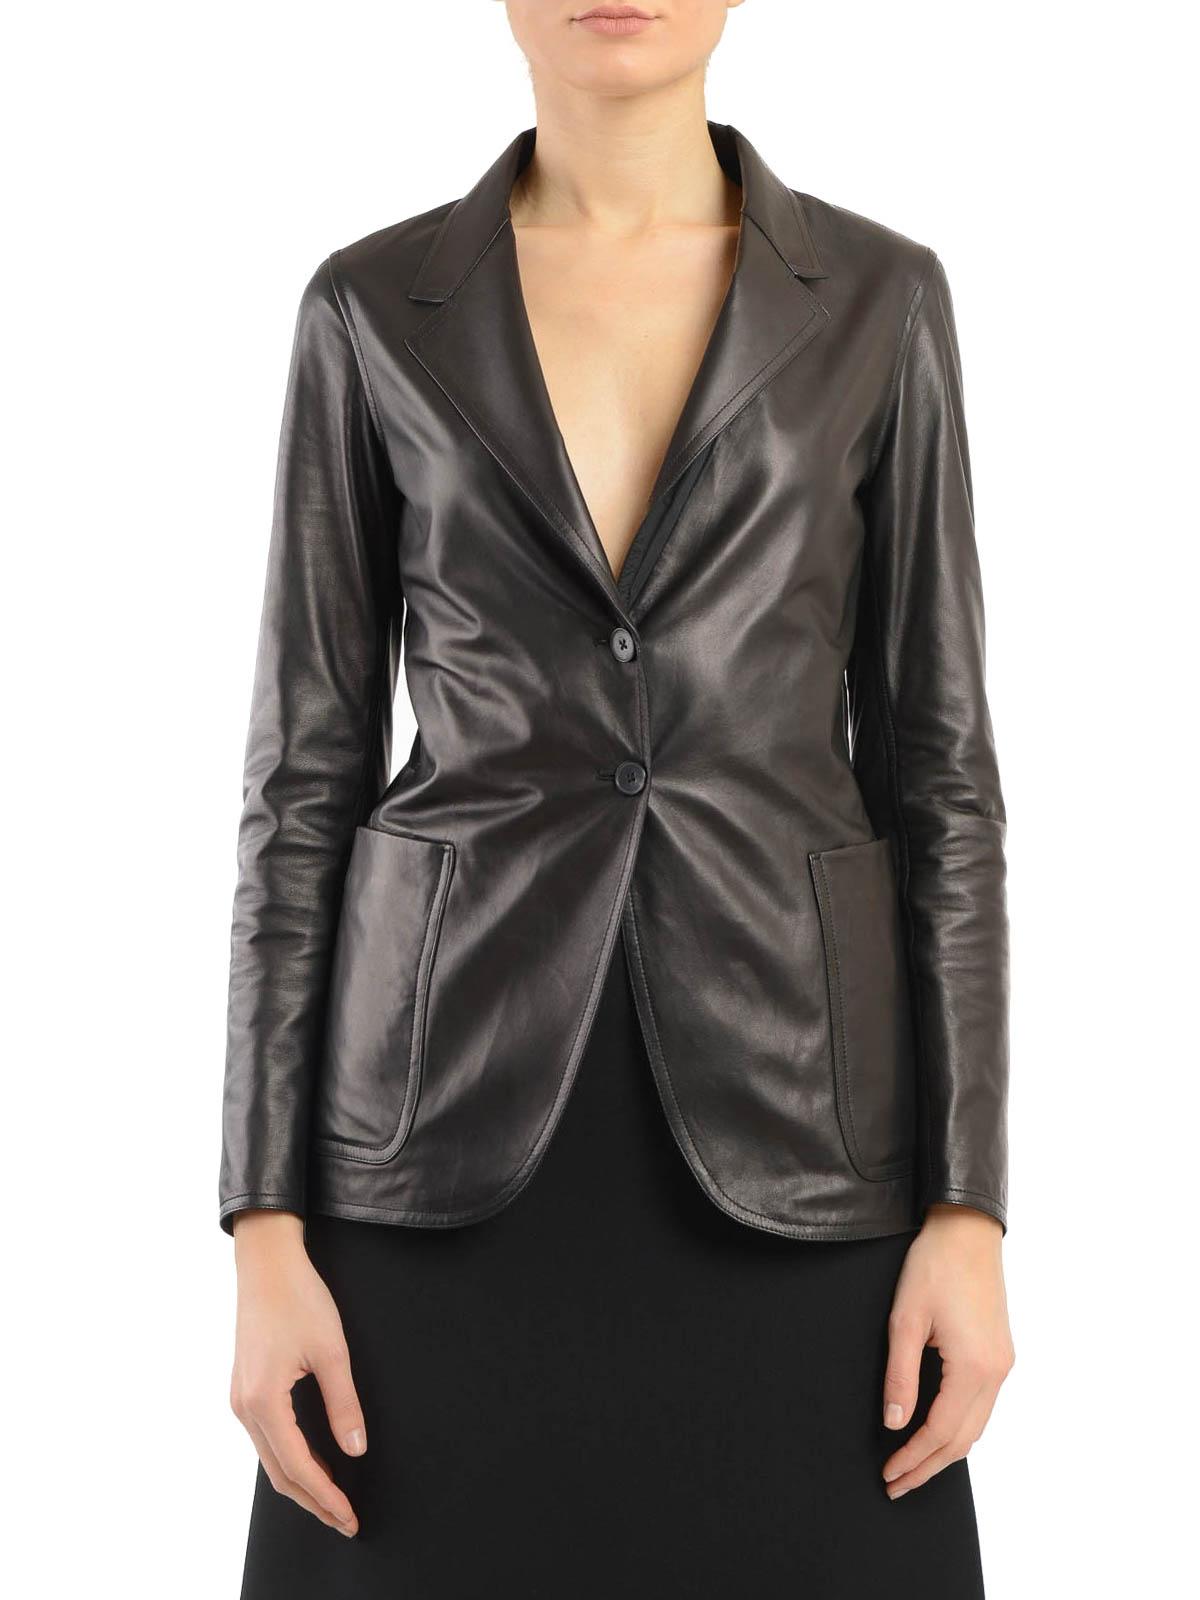 timeless design 5776a 75271 Jil Sander - Blazer in pelle - giacche in pelle - JSPH651570 ...